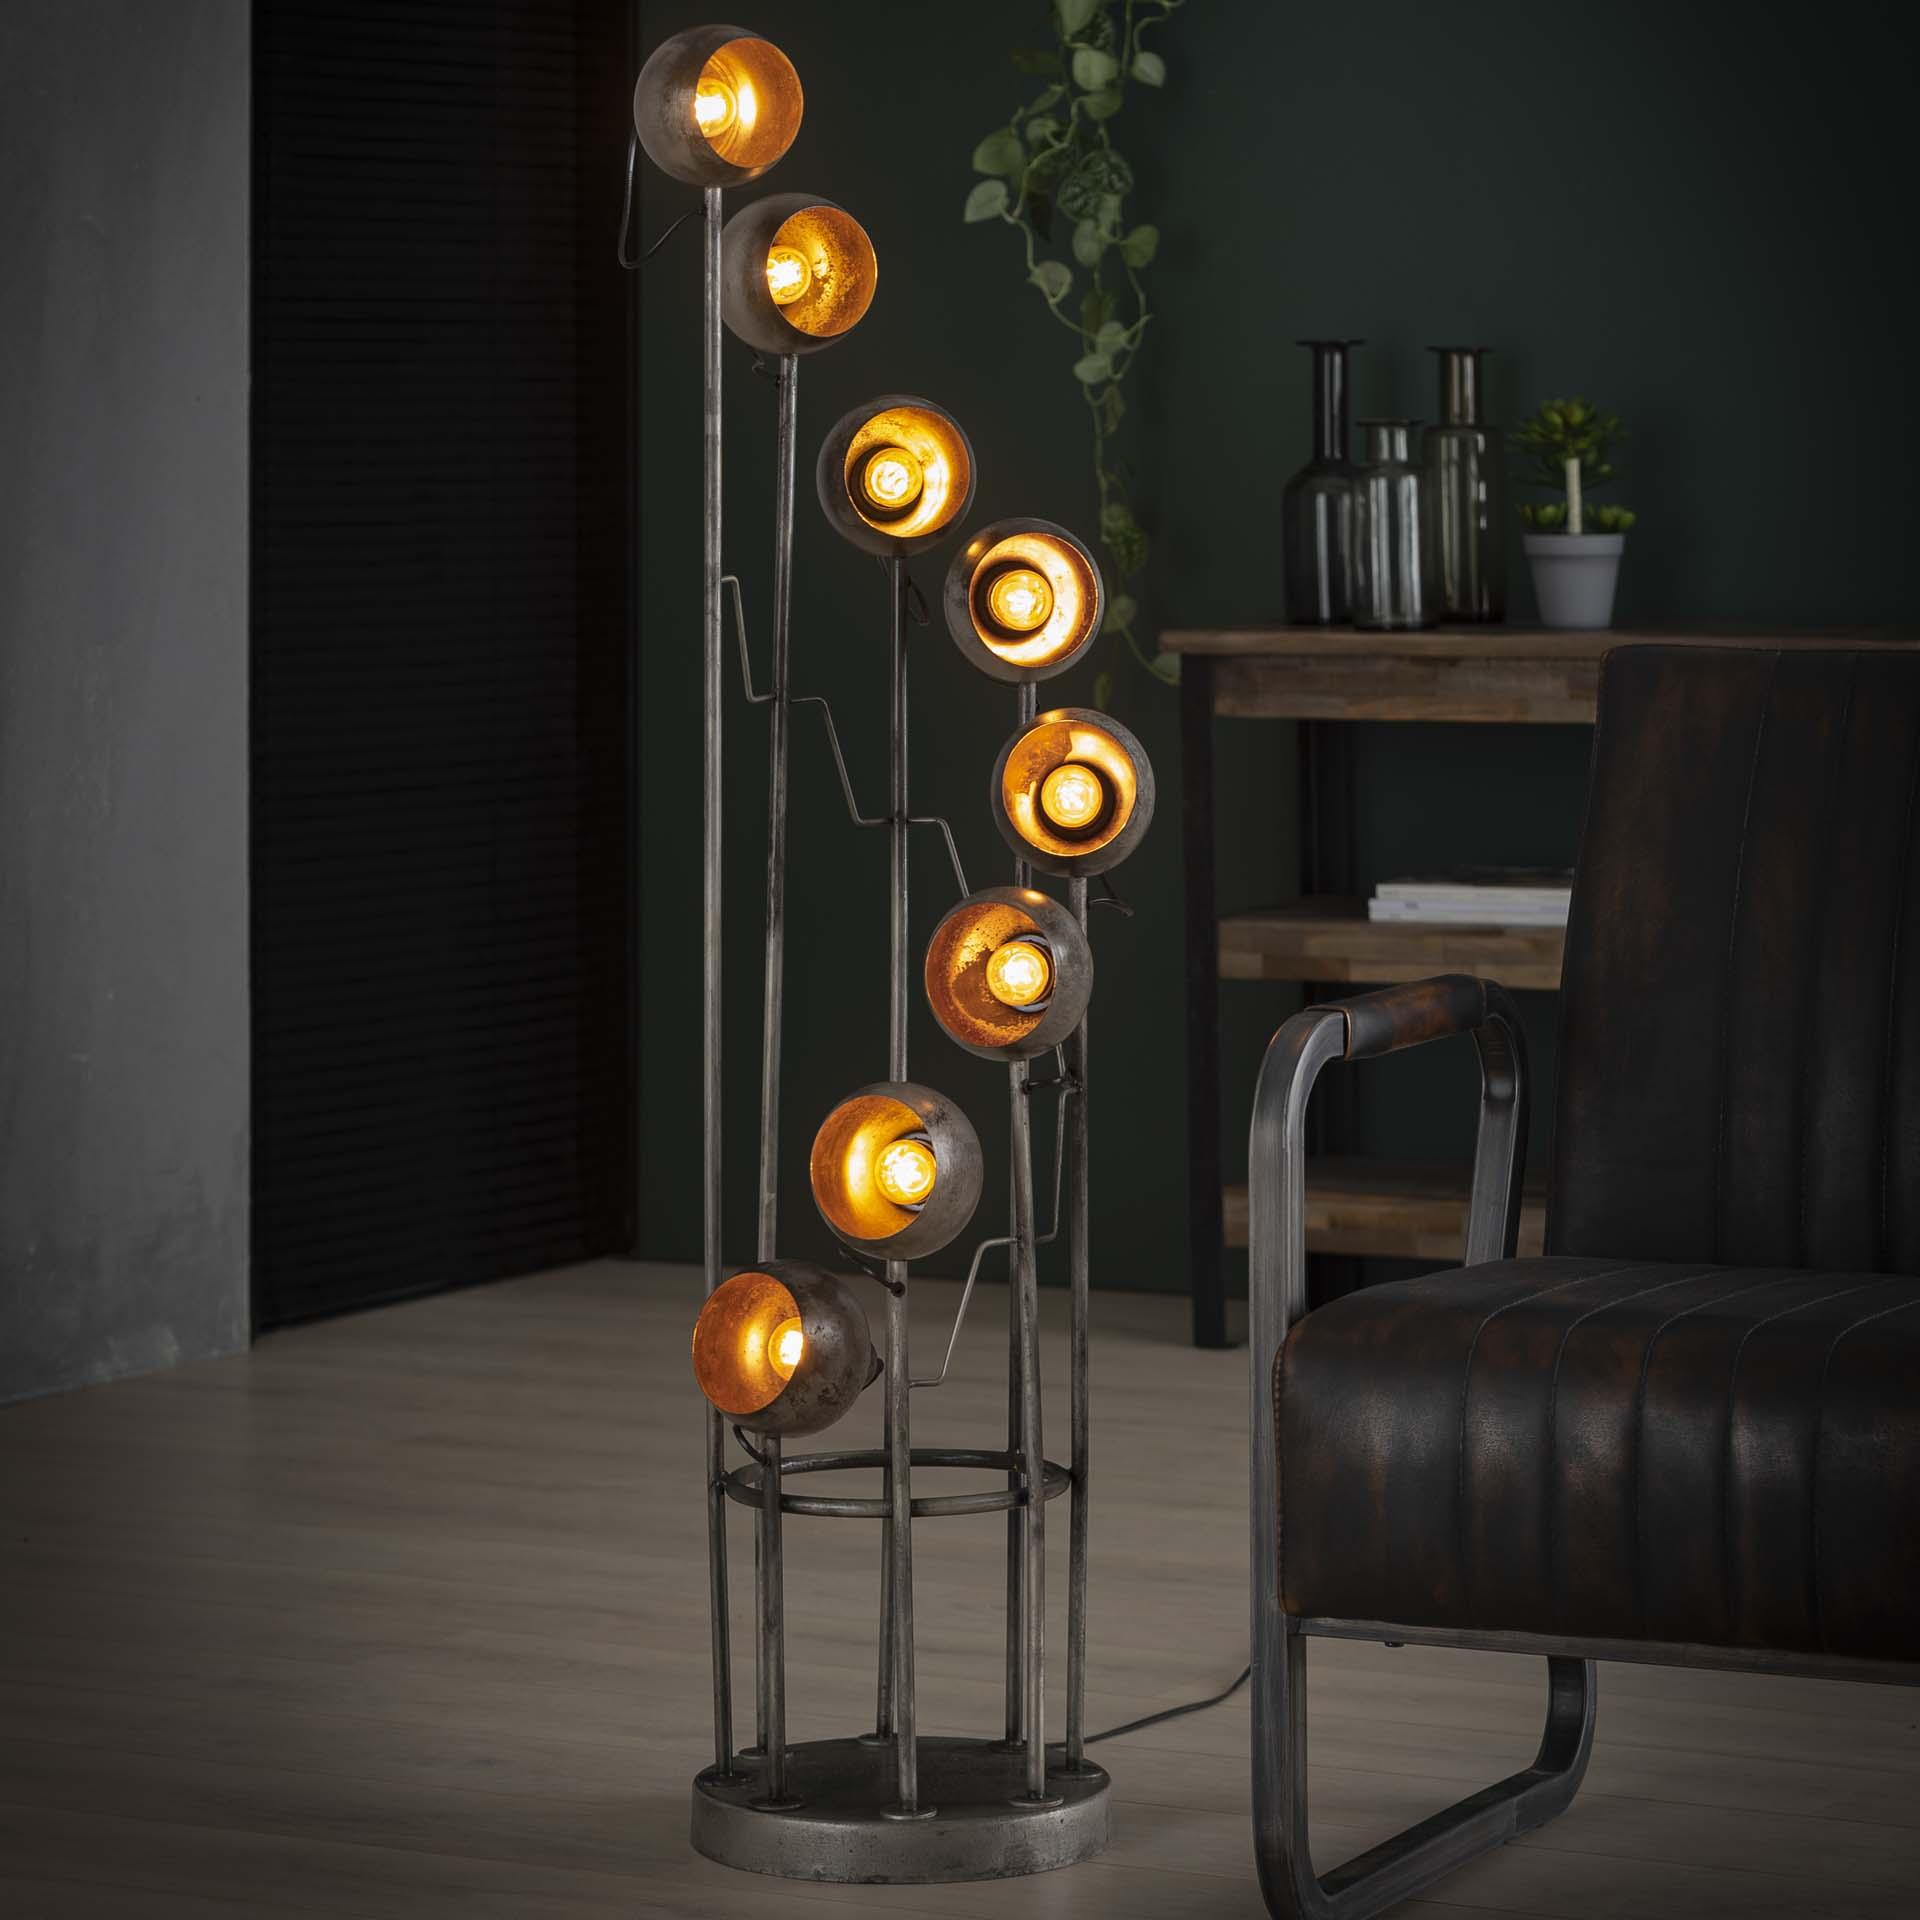 Vloerlamp 8L spiralo vintage - Oud zilver